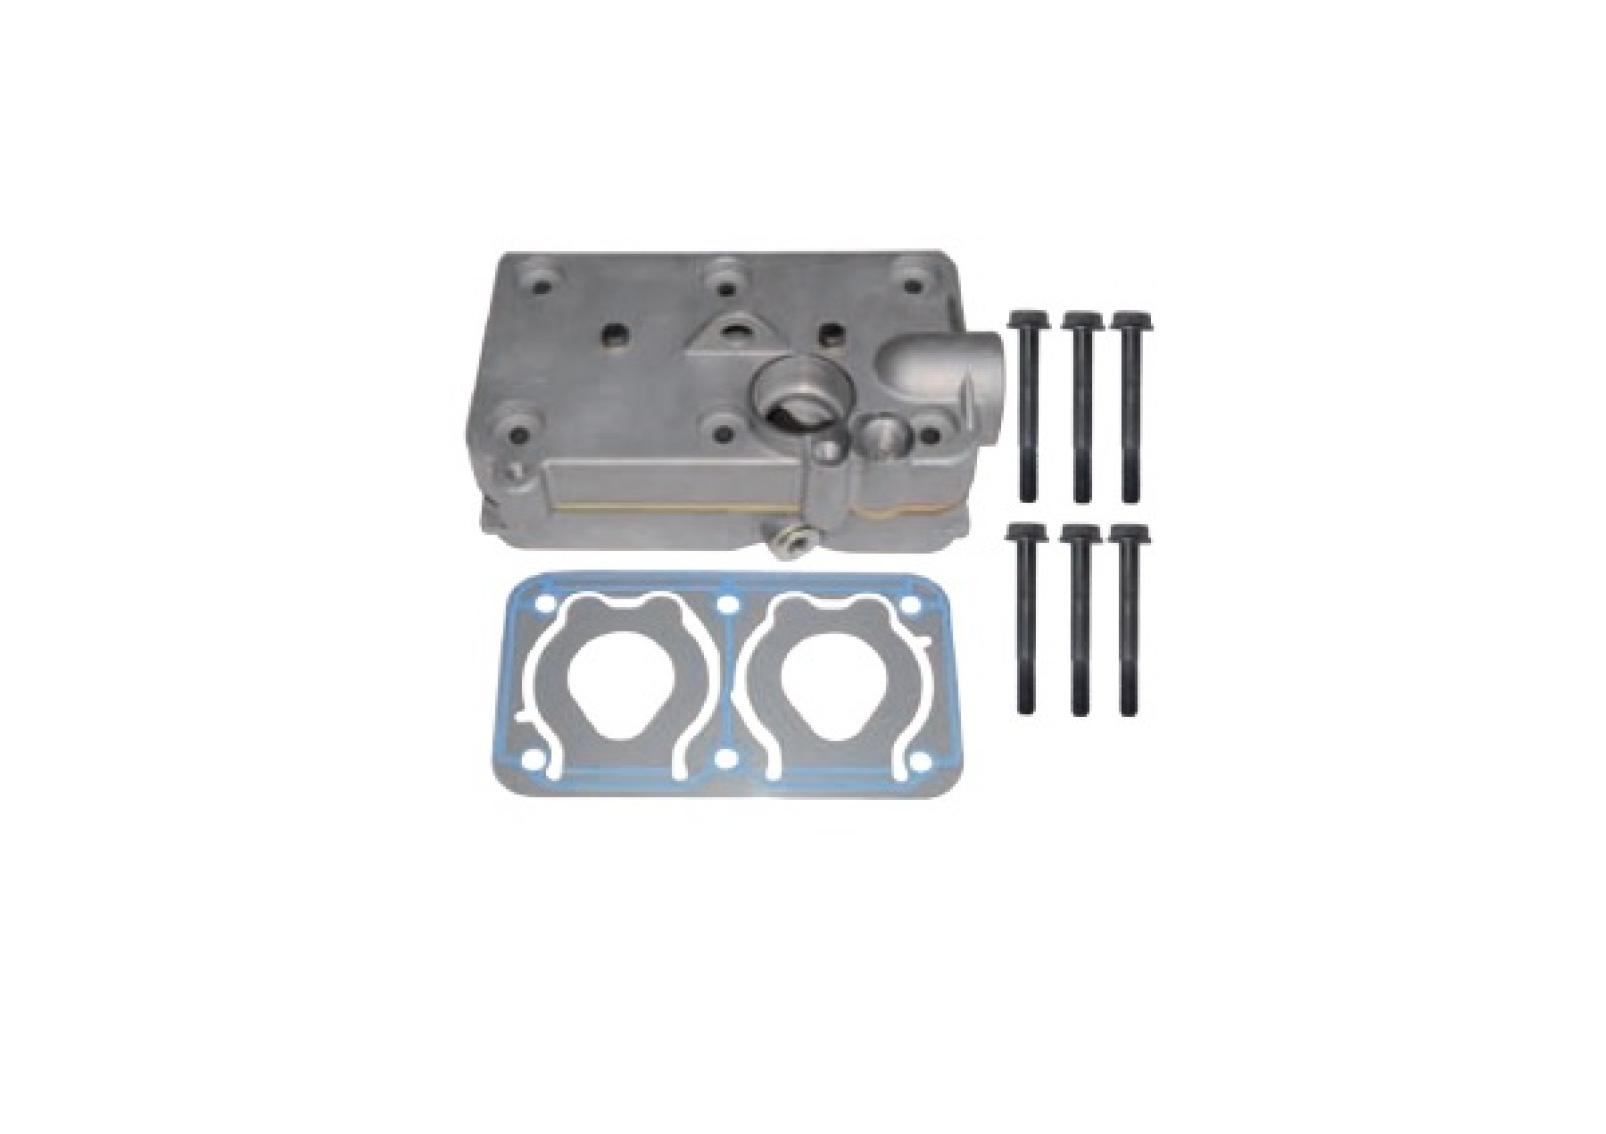 Air Compressor Repair Kit for Volvo and Renault, 20569226, 20701803, 85104247, 7420701803, 4127049322, 4127049252, 24425003